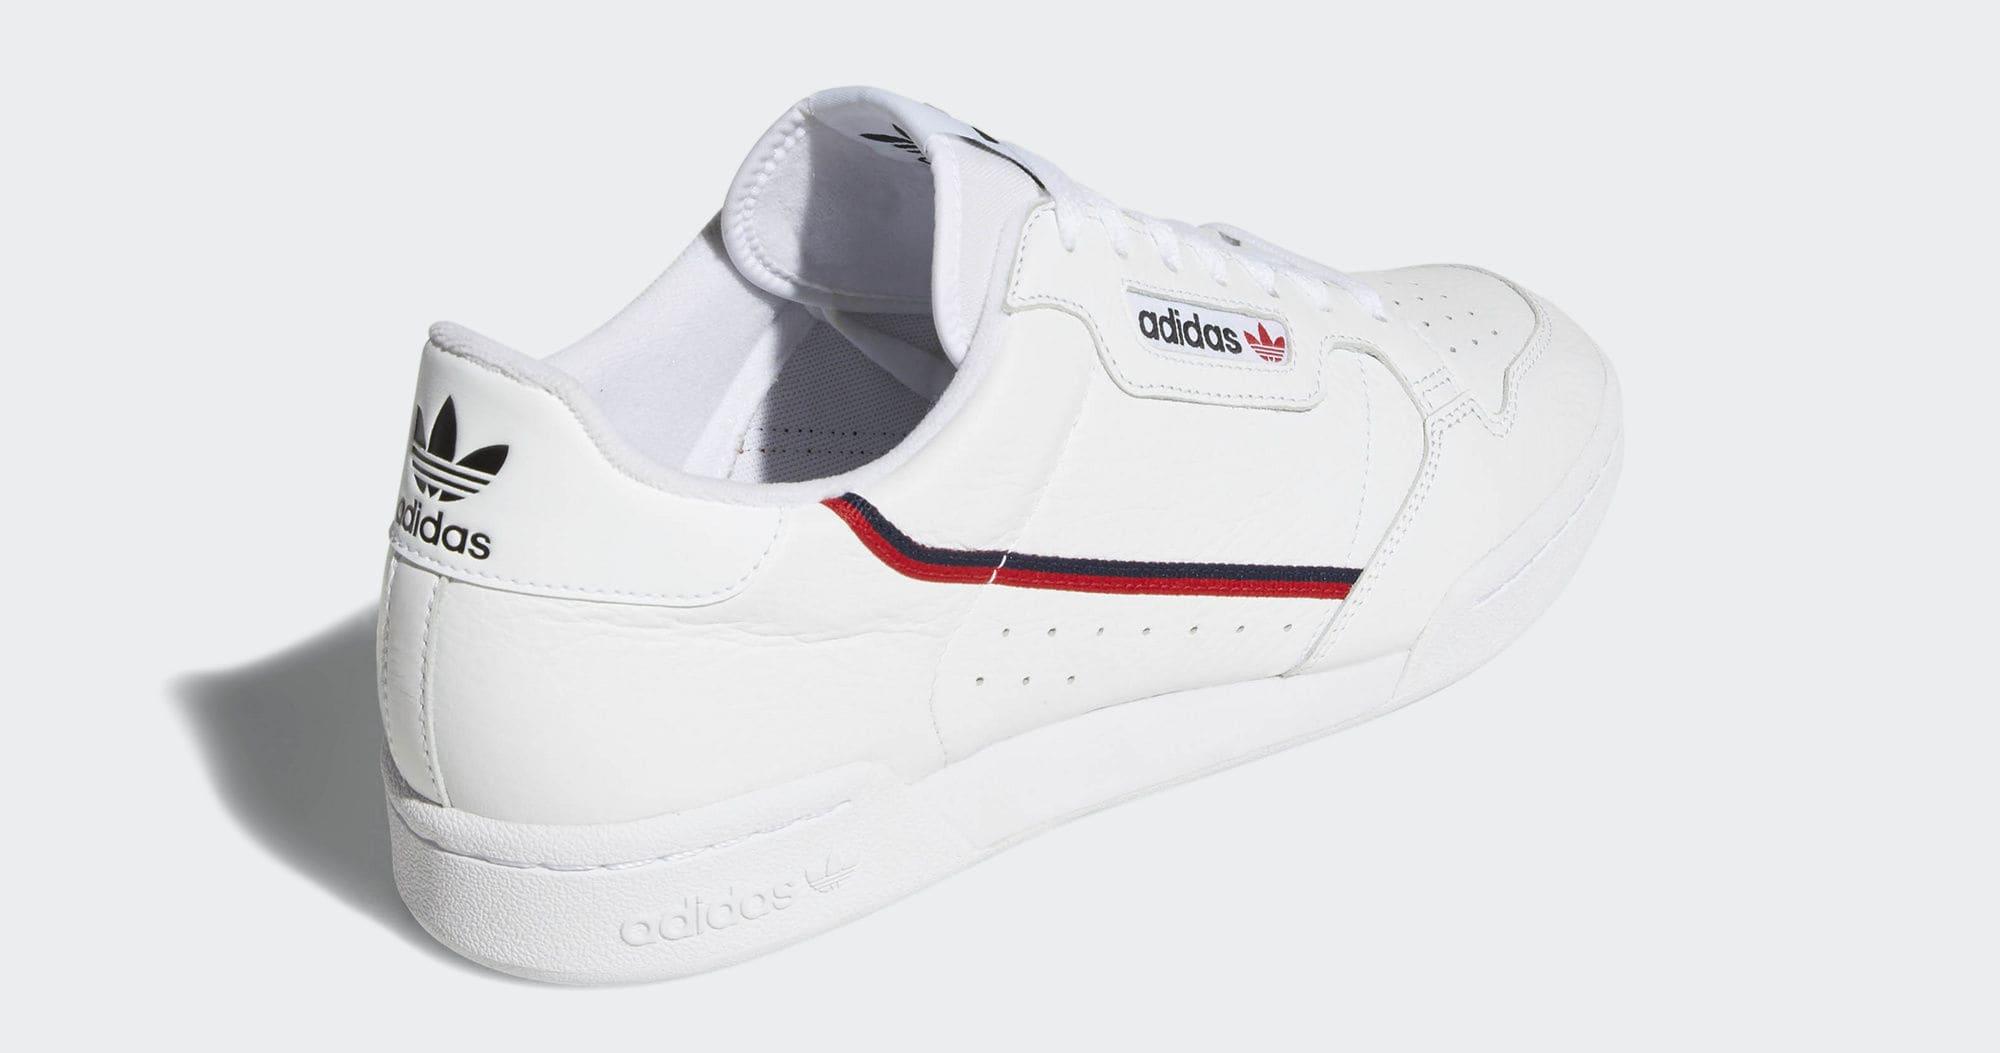 Adidas Continental 80 Rascal B41674 (Heel)